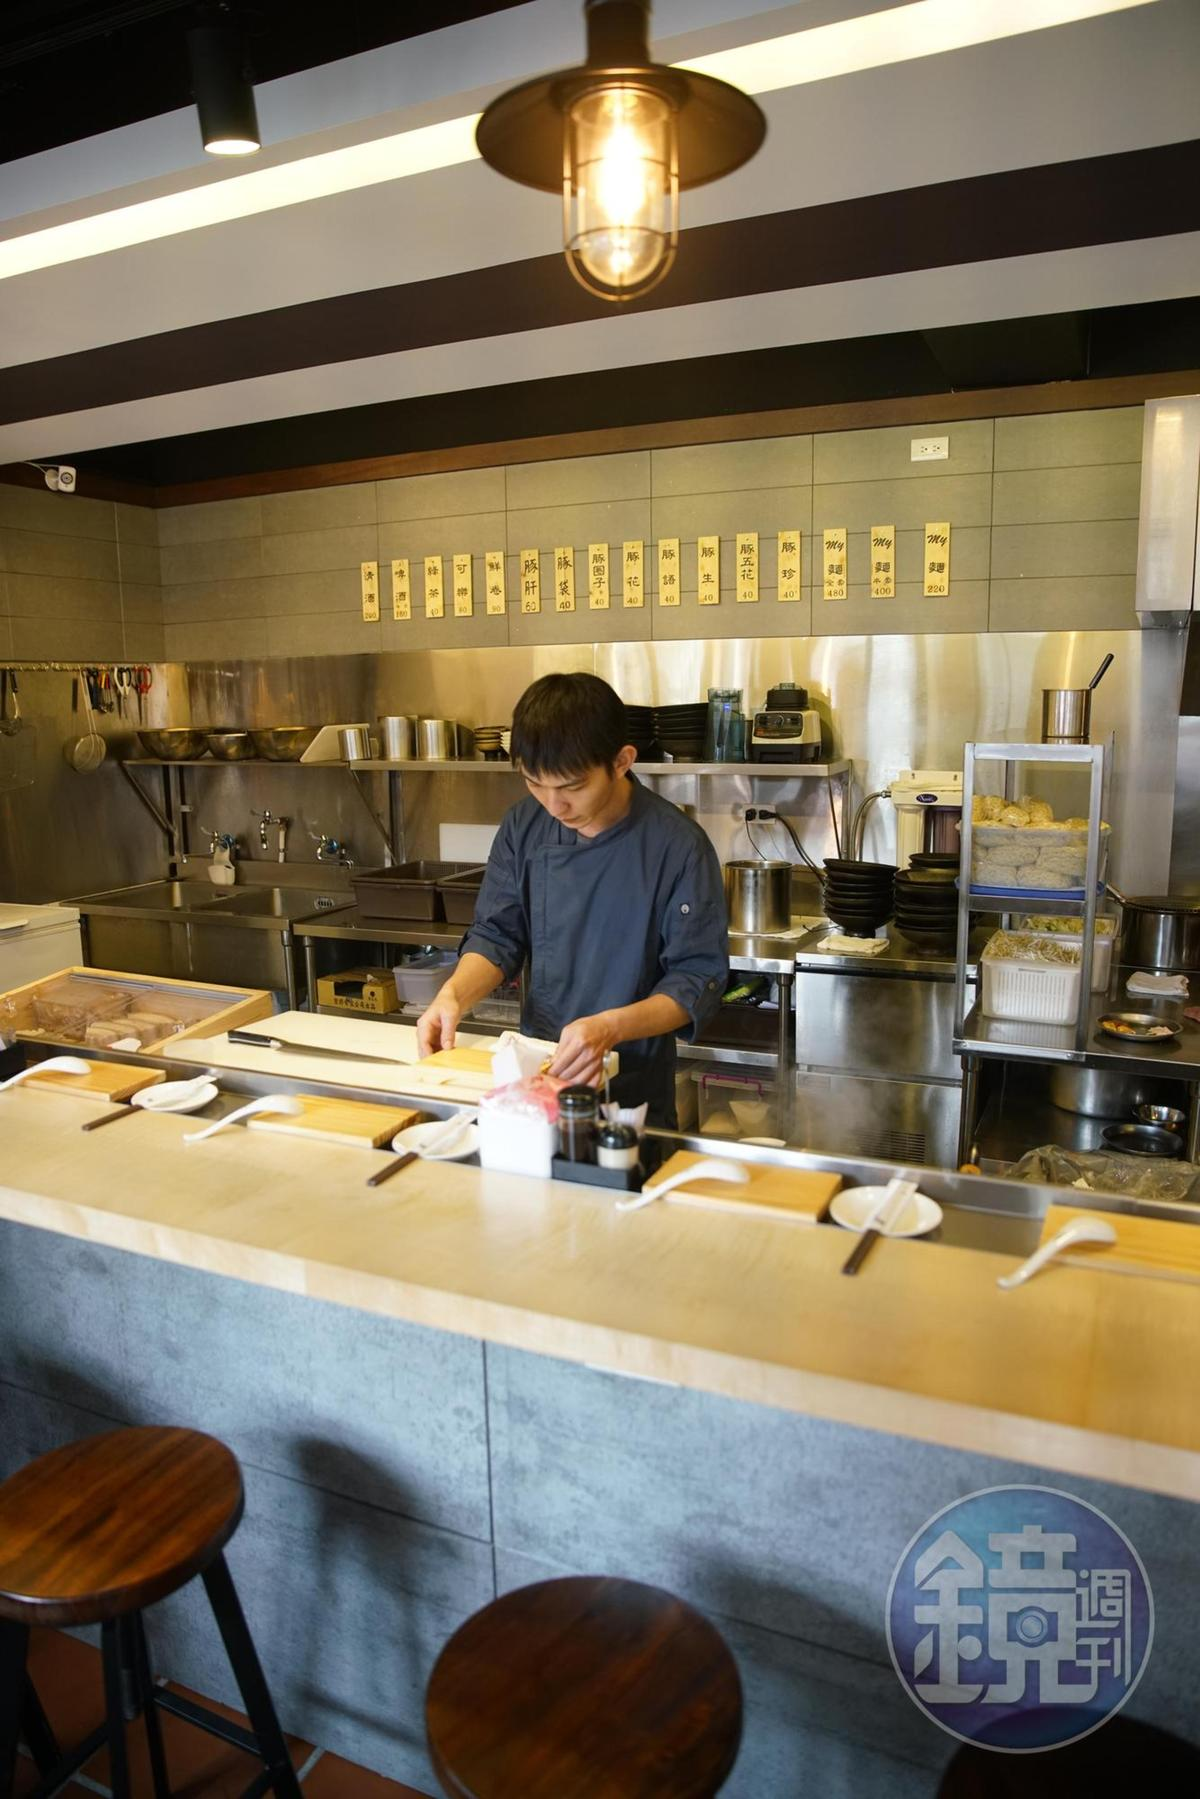 「My味」仿日本拉麵的環境,乾淨且舒適。